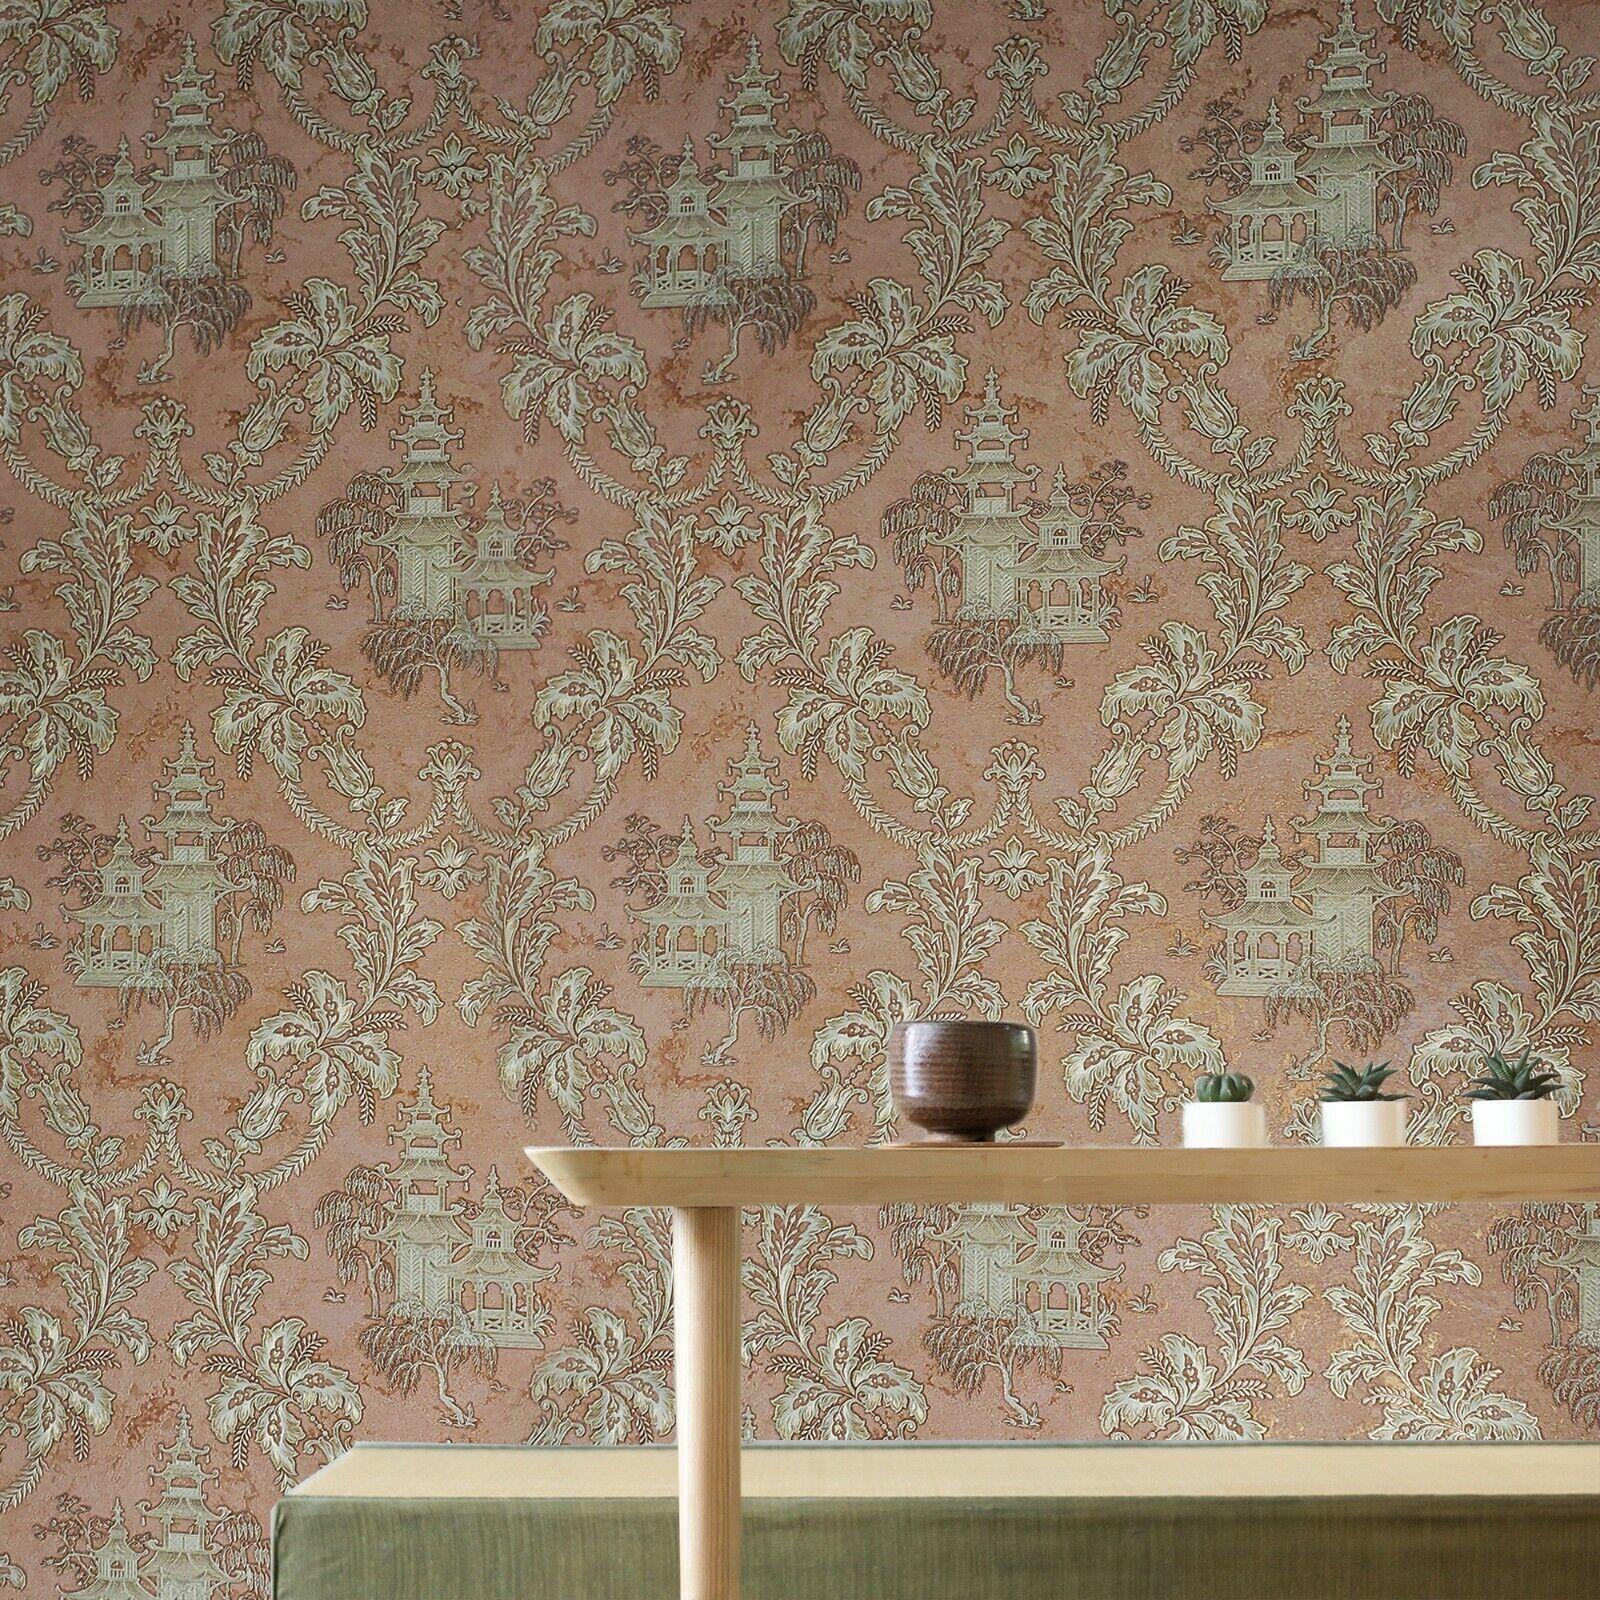 Holden Navy Melgrano Floral Wallpaper 90521 Copper Metallic